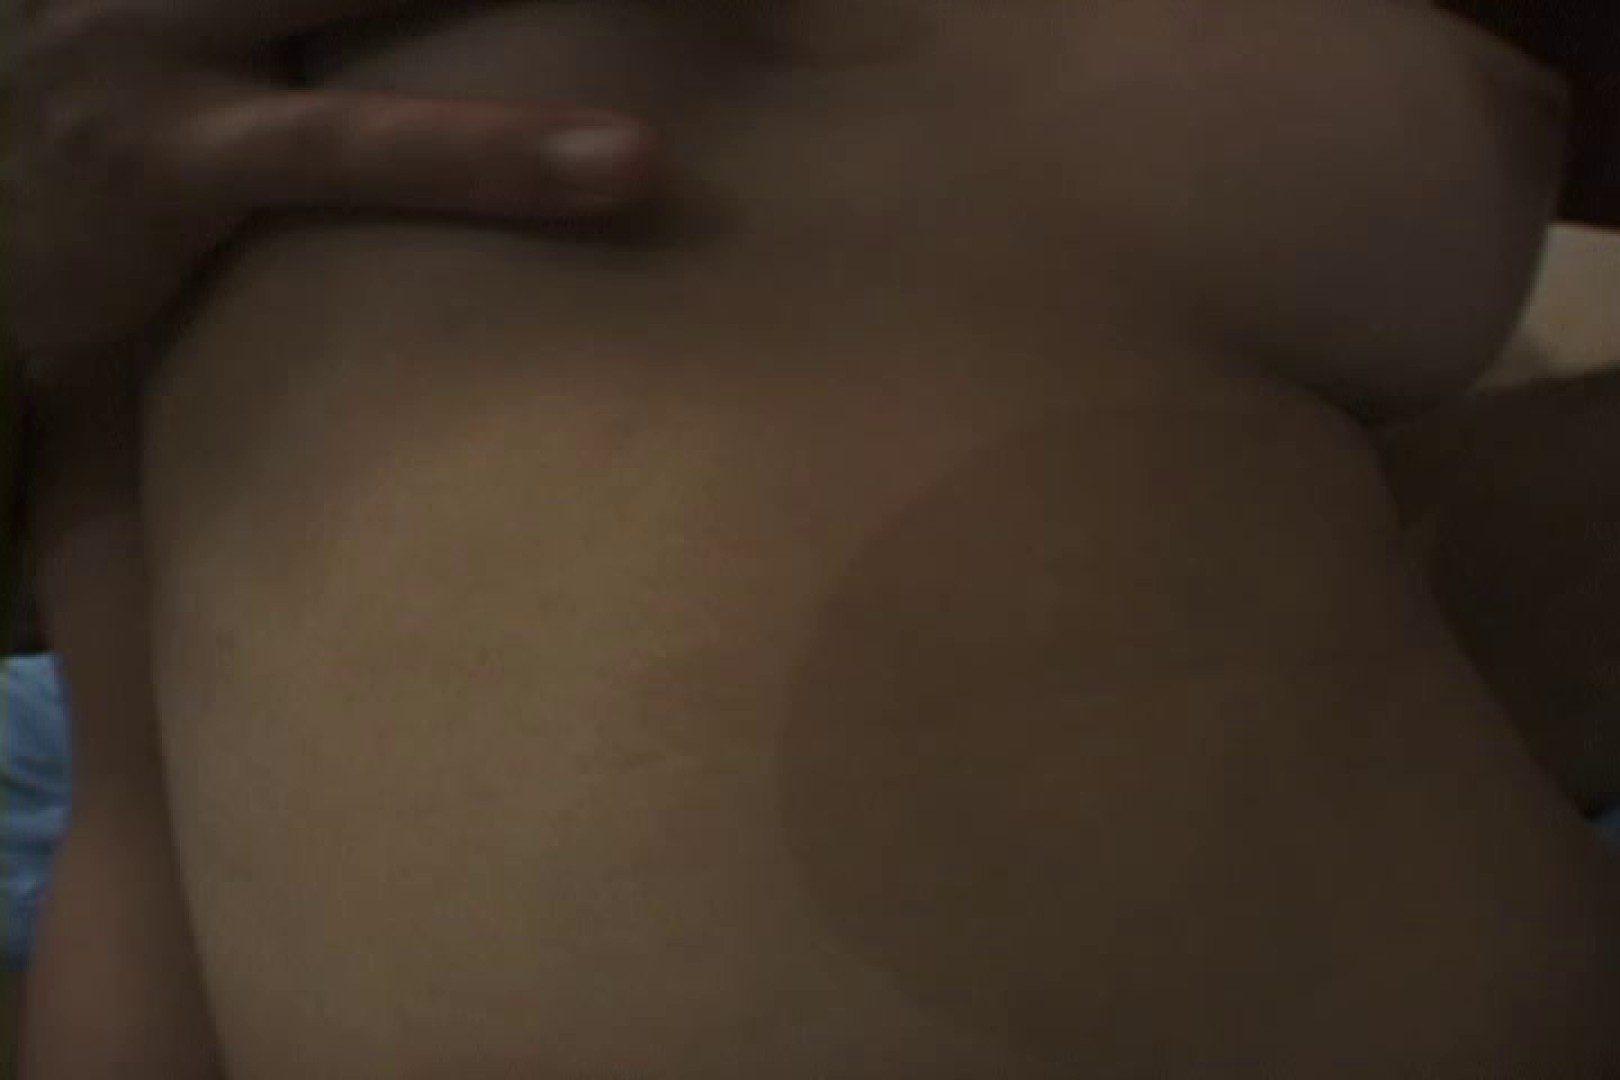 旦那との愛よりも、愛人とのSEX~片瀬梨子~vol,1 ローター | バイブで・・  72pic 43